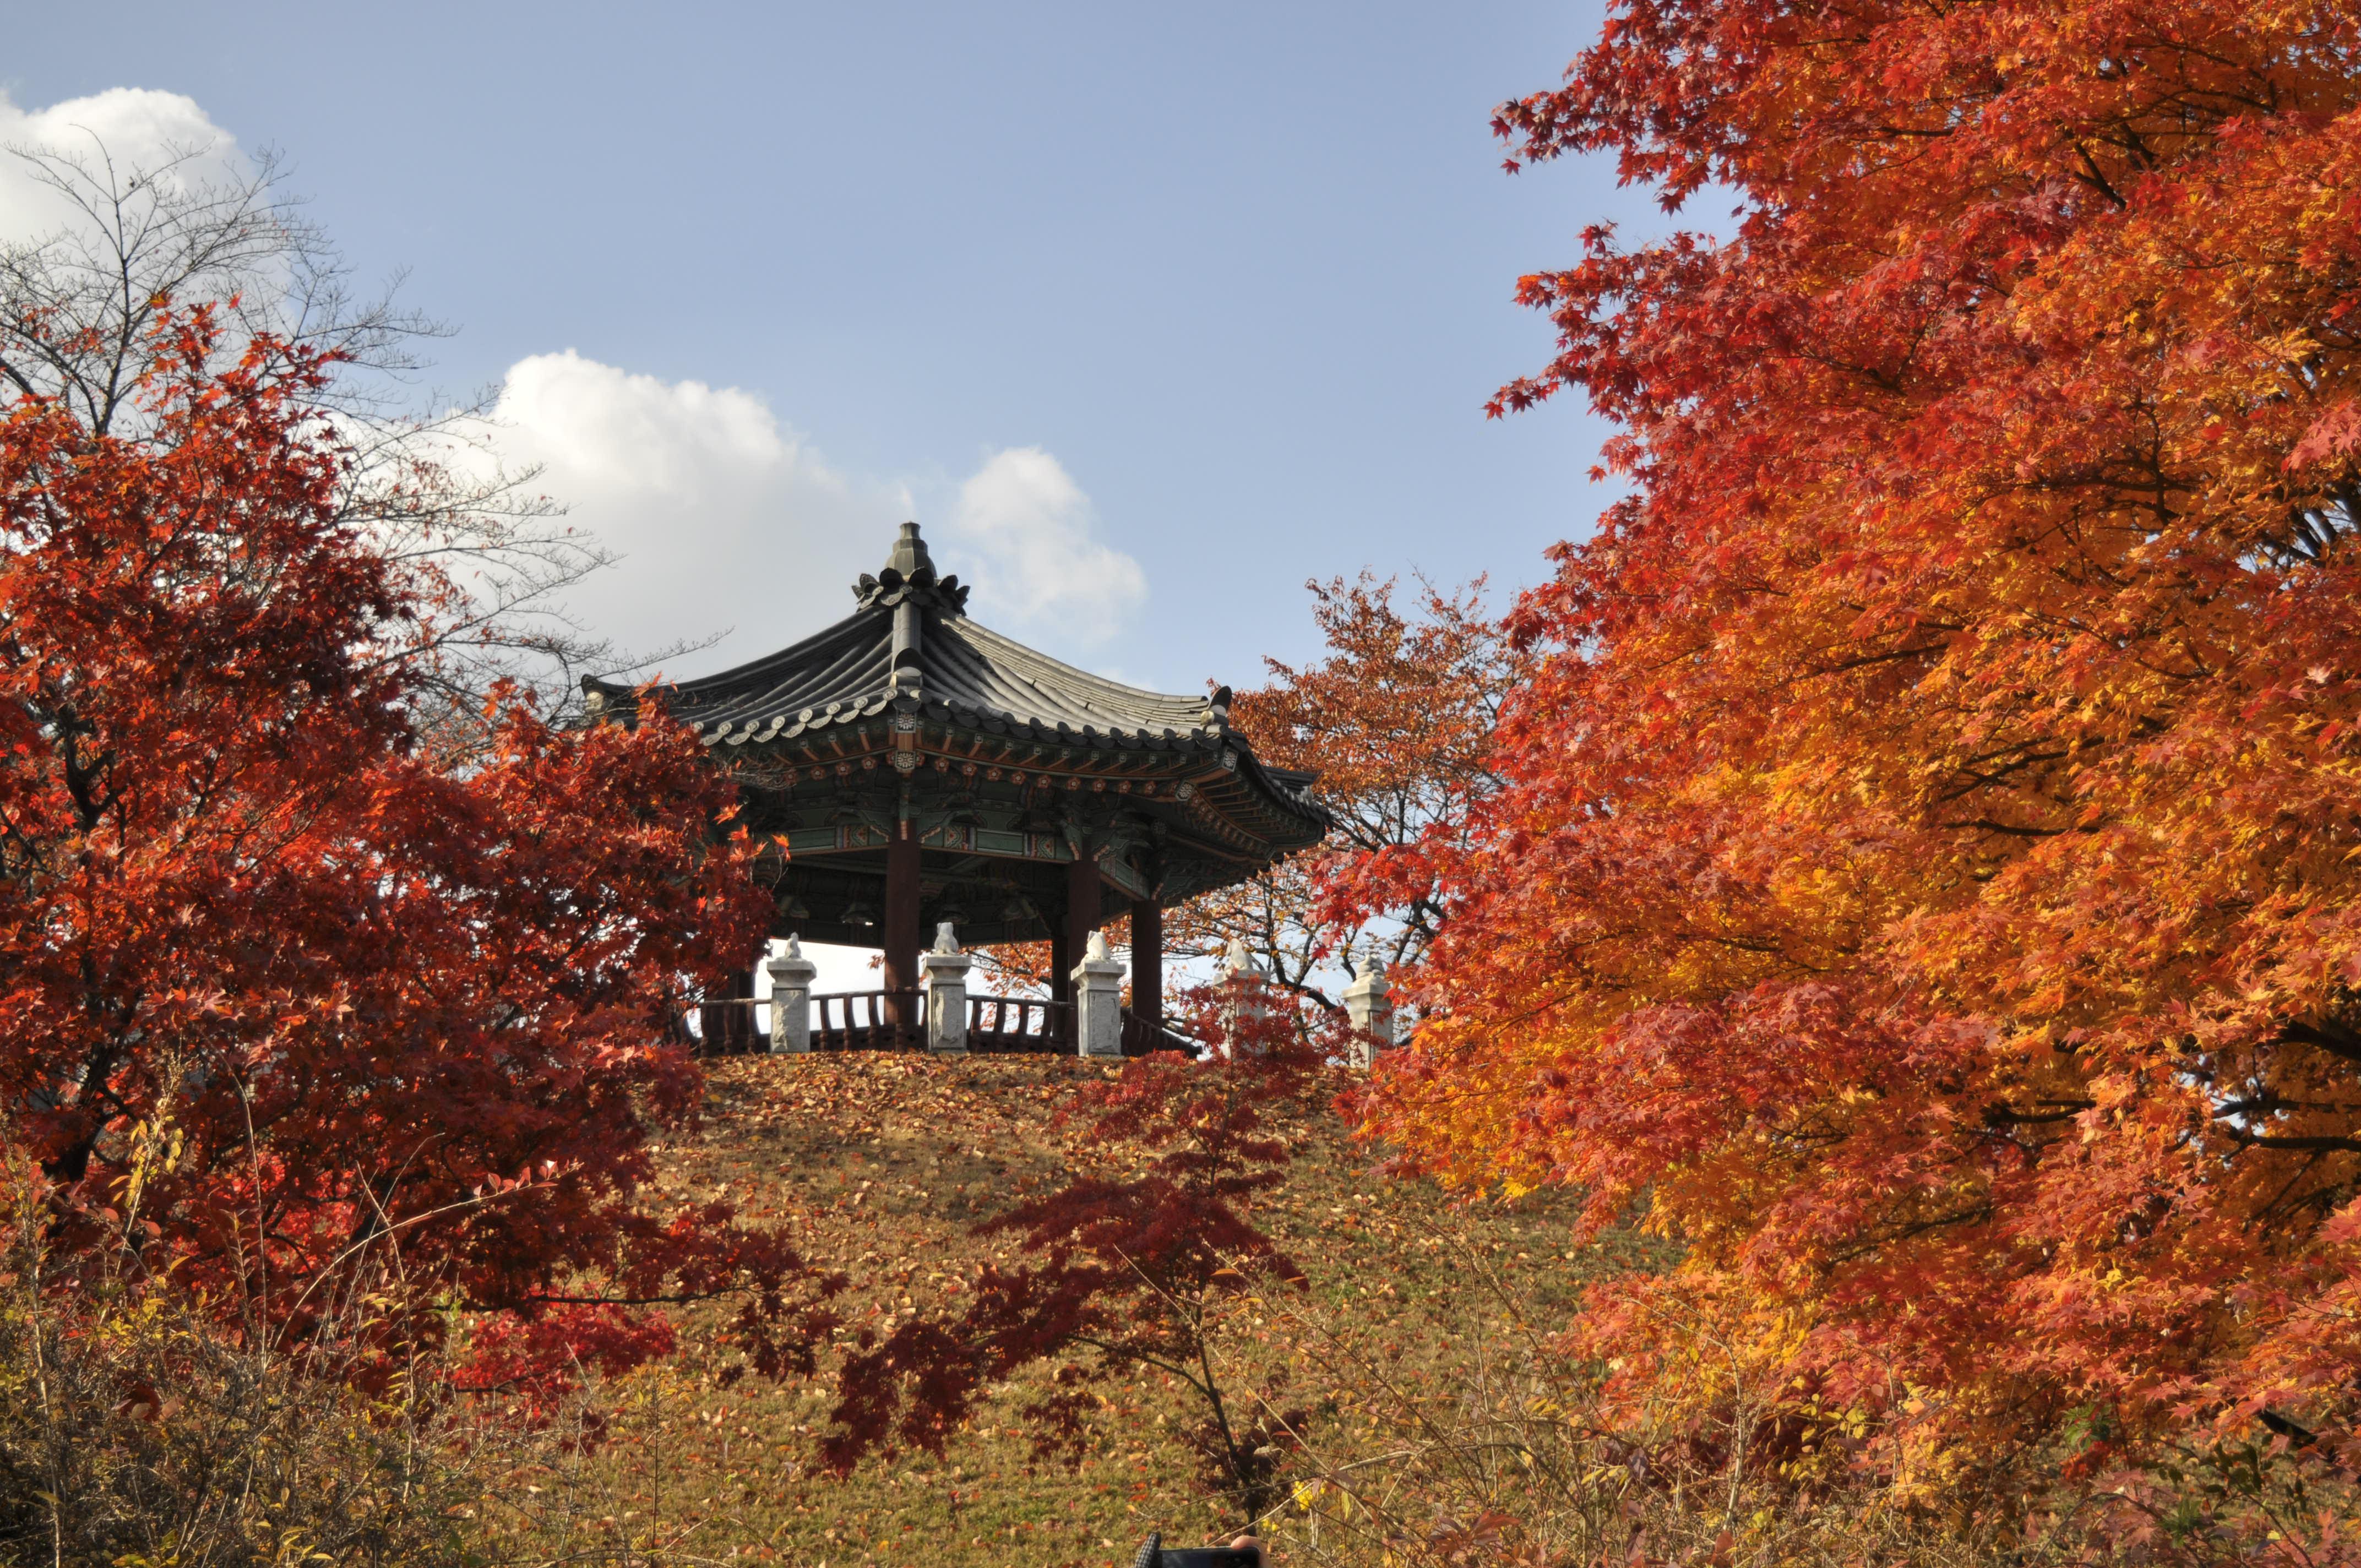 сЕУЛ Тем временем в Сеуле: о переезде украинской семьи в Южную Корею DSC7544